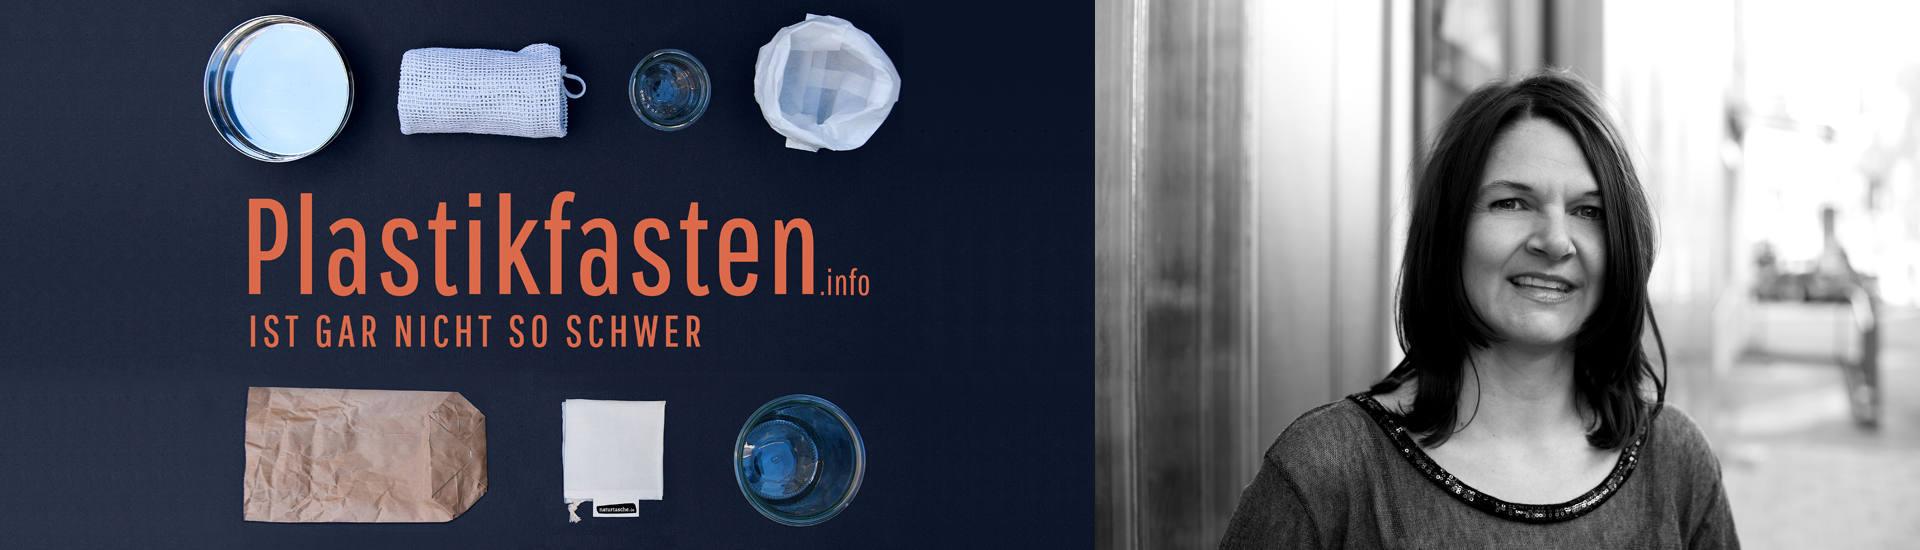 Plastikfasten - Banner